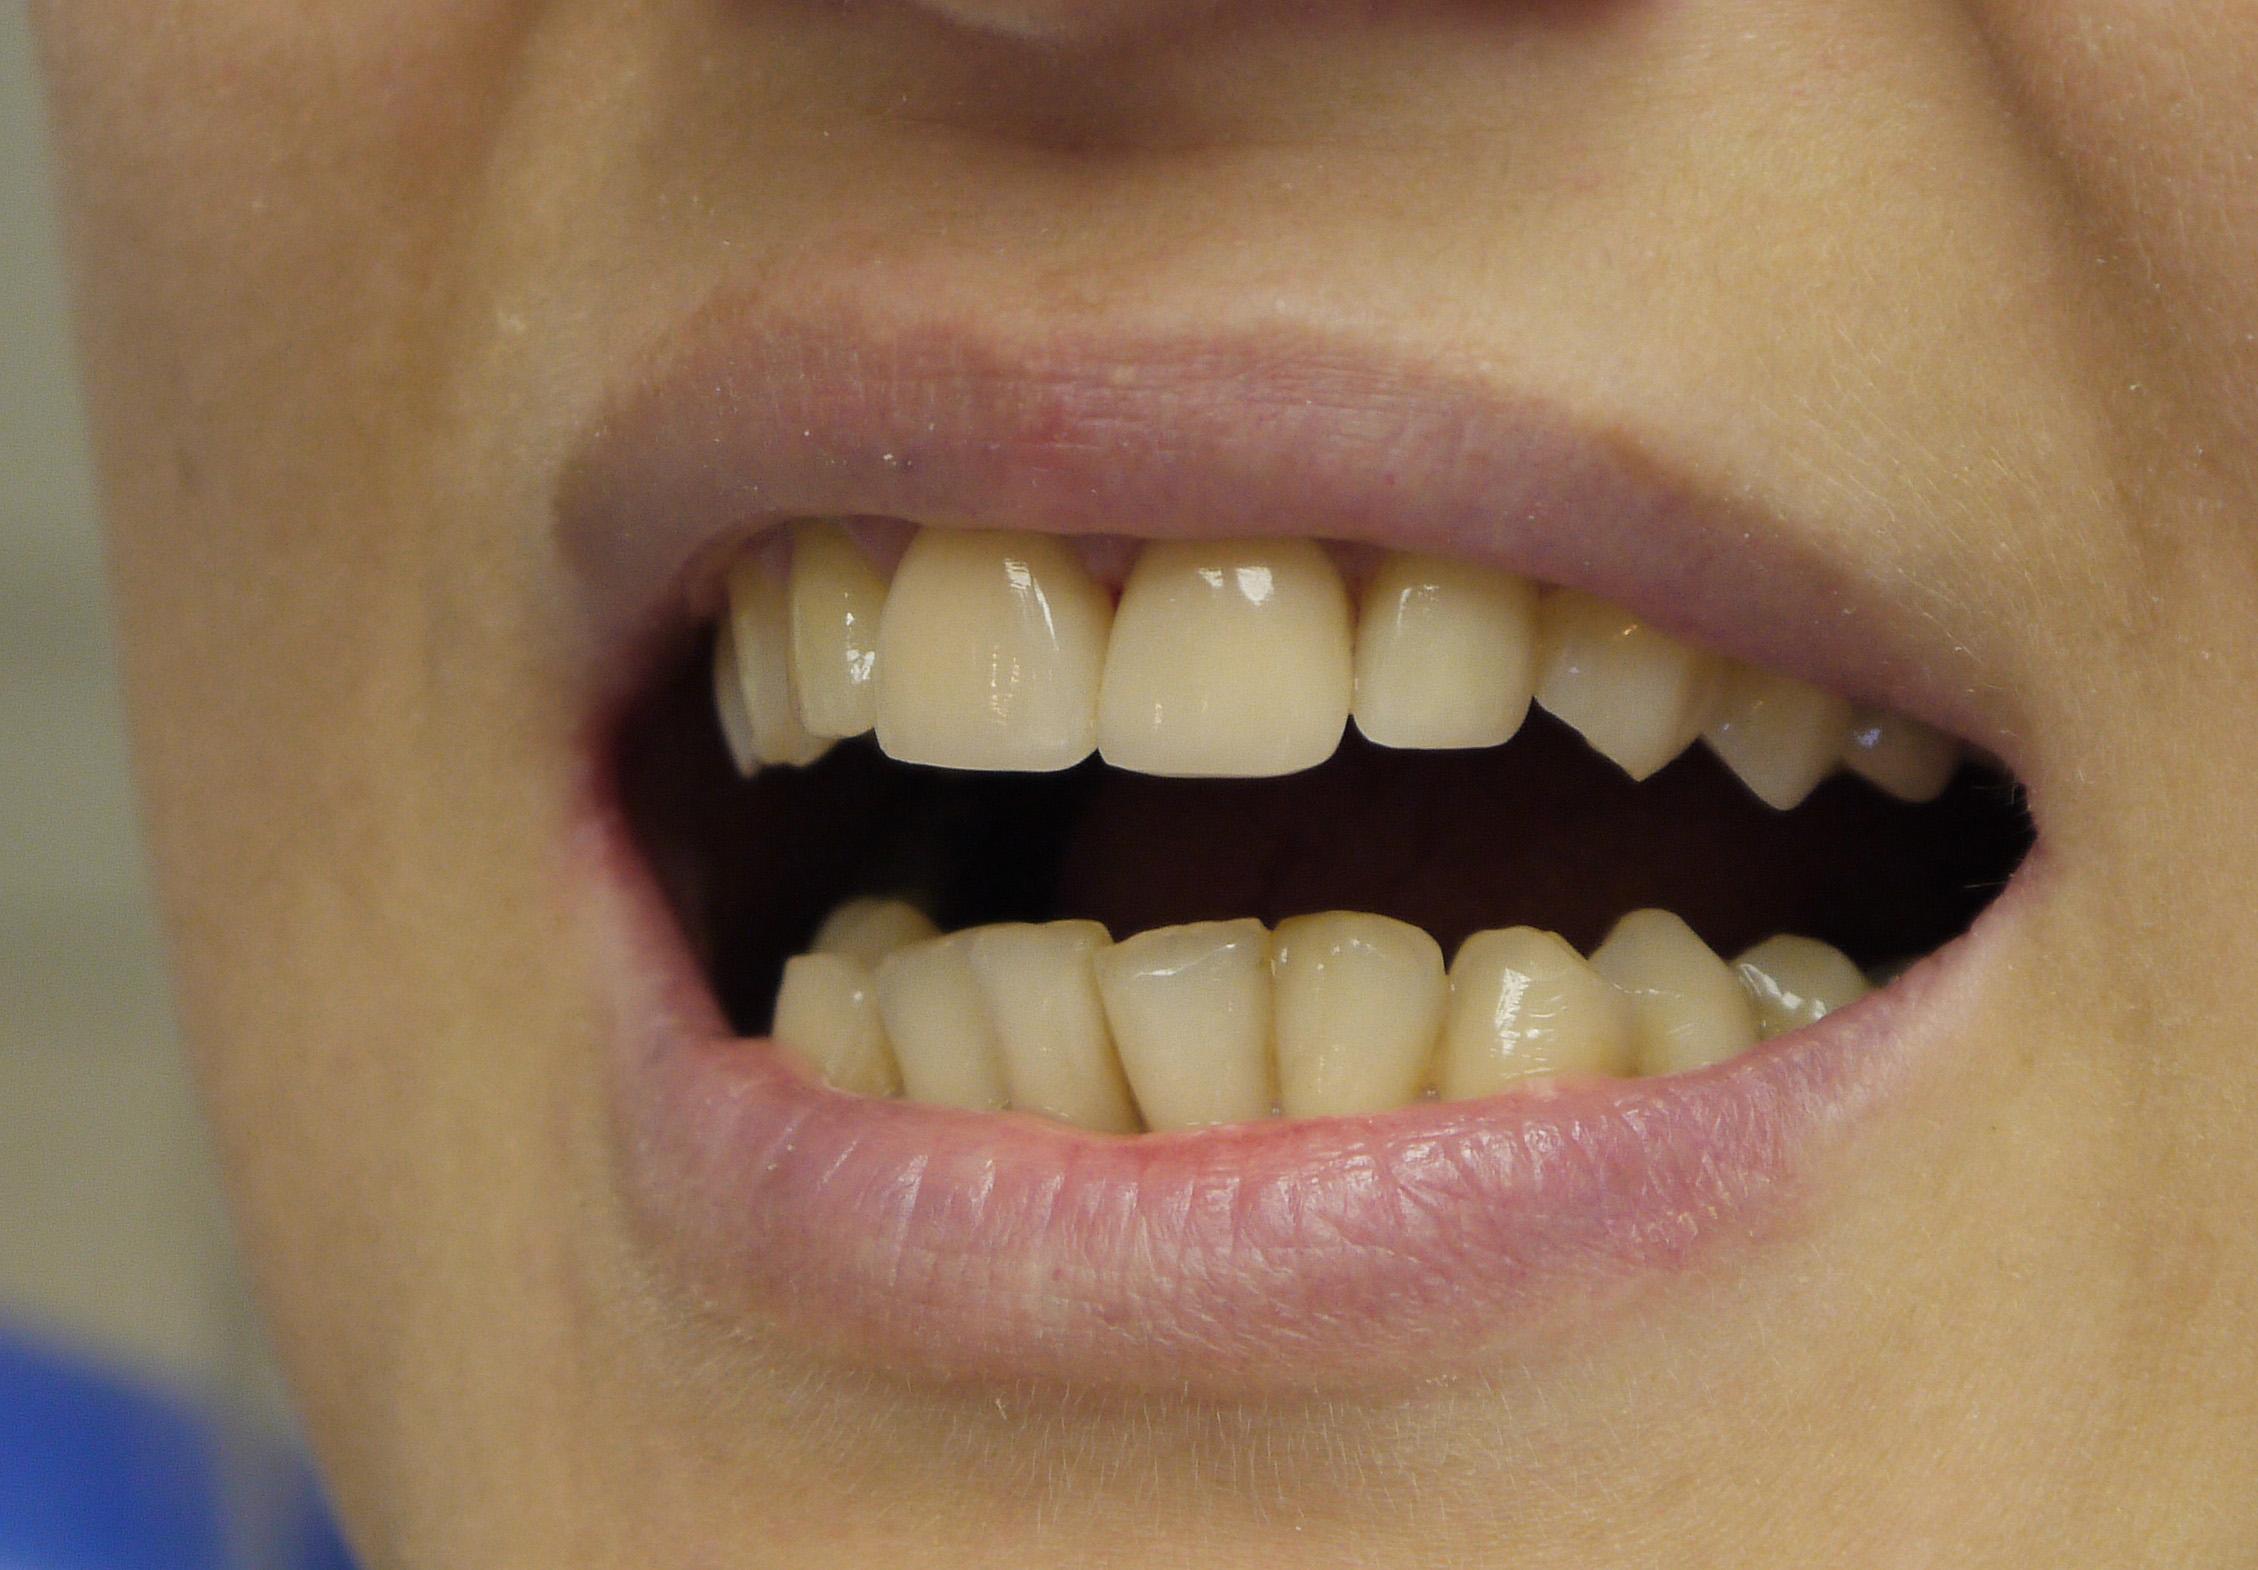 Реальные отзывы о винирах на зубы – отрицательные и положительные, фото